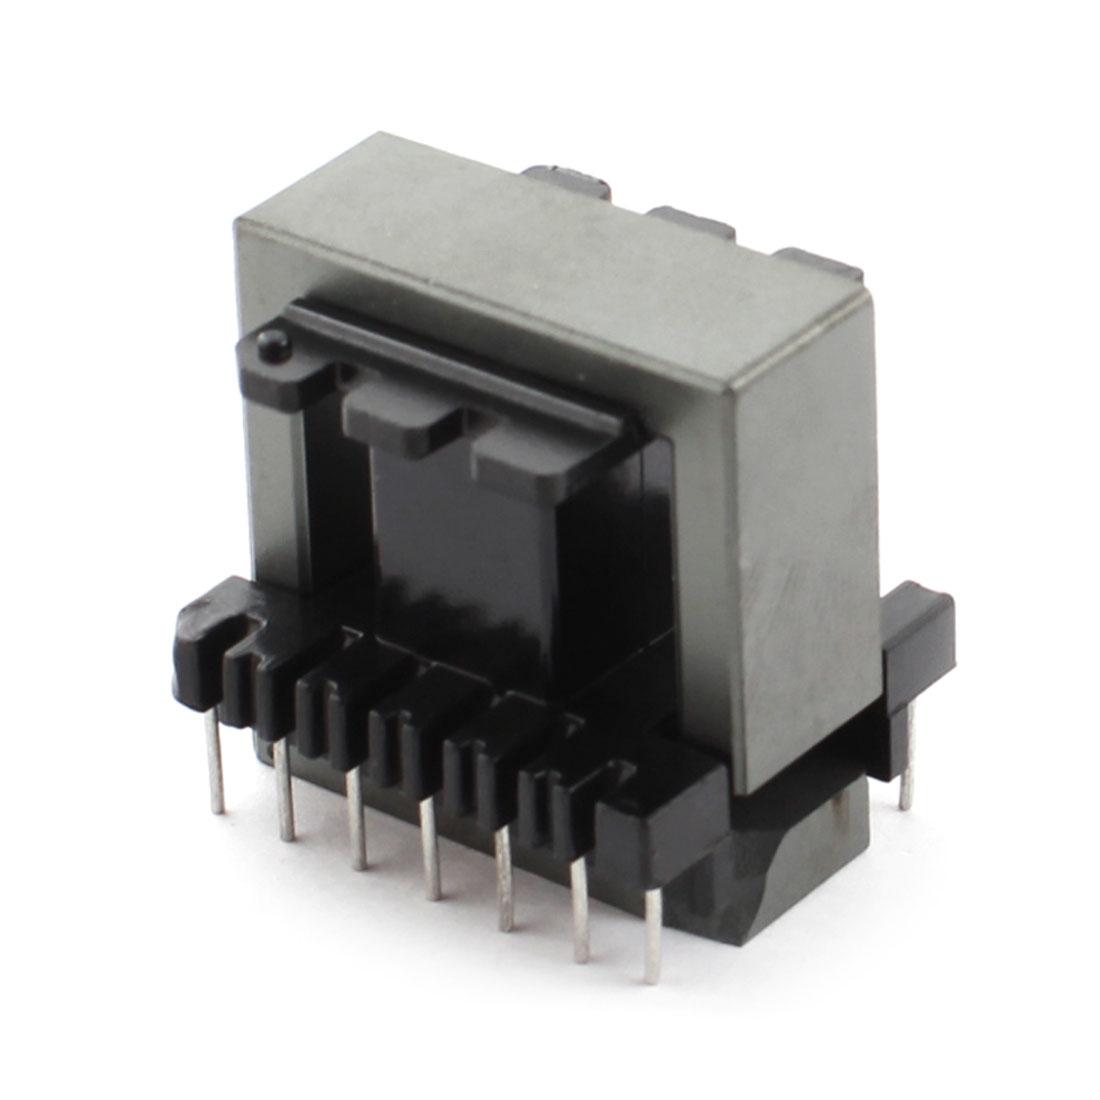 Black Transformers EI33 Ferrite Core w 14 Pin Plastic Bobbin Coil Former